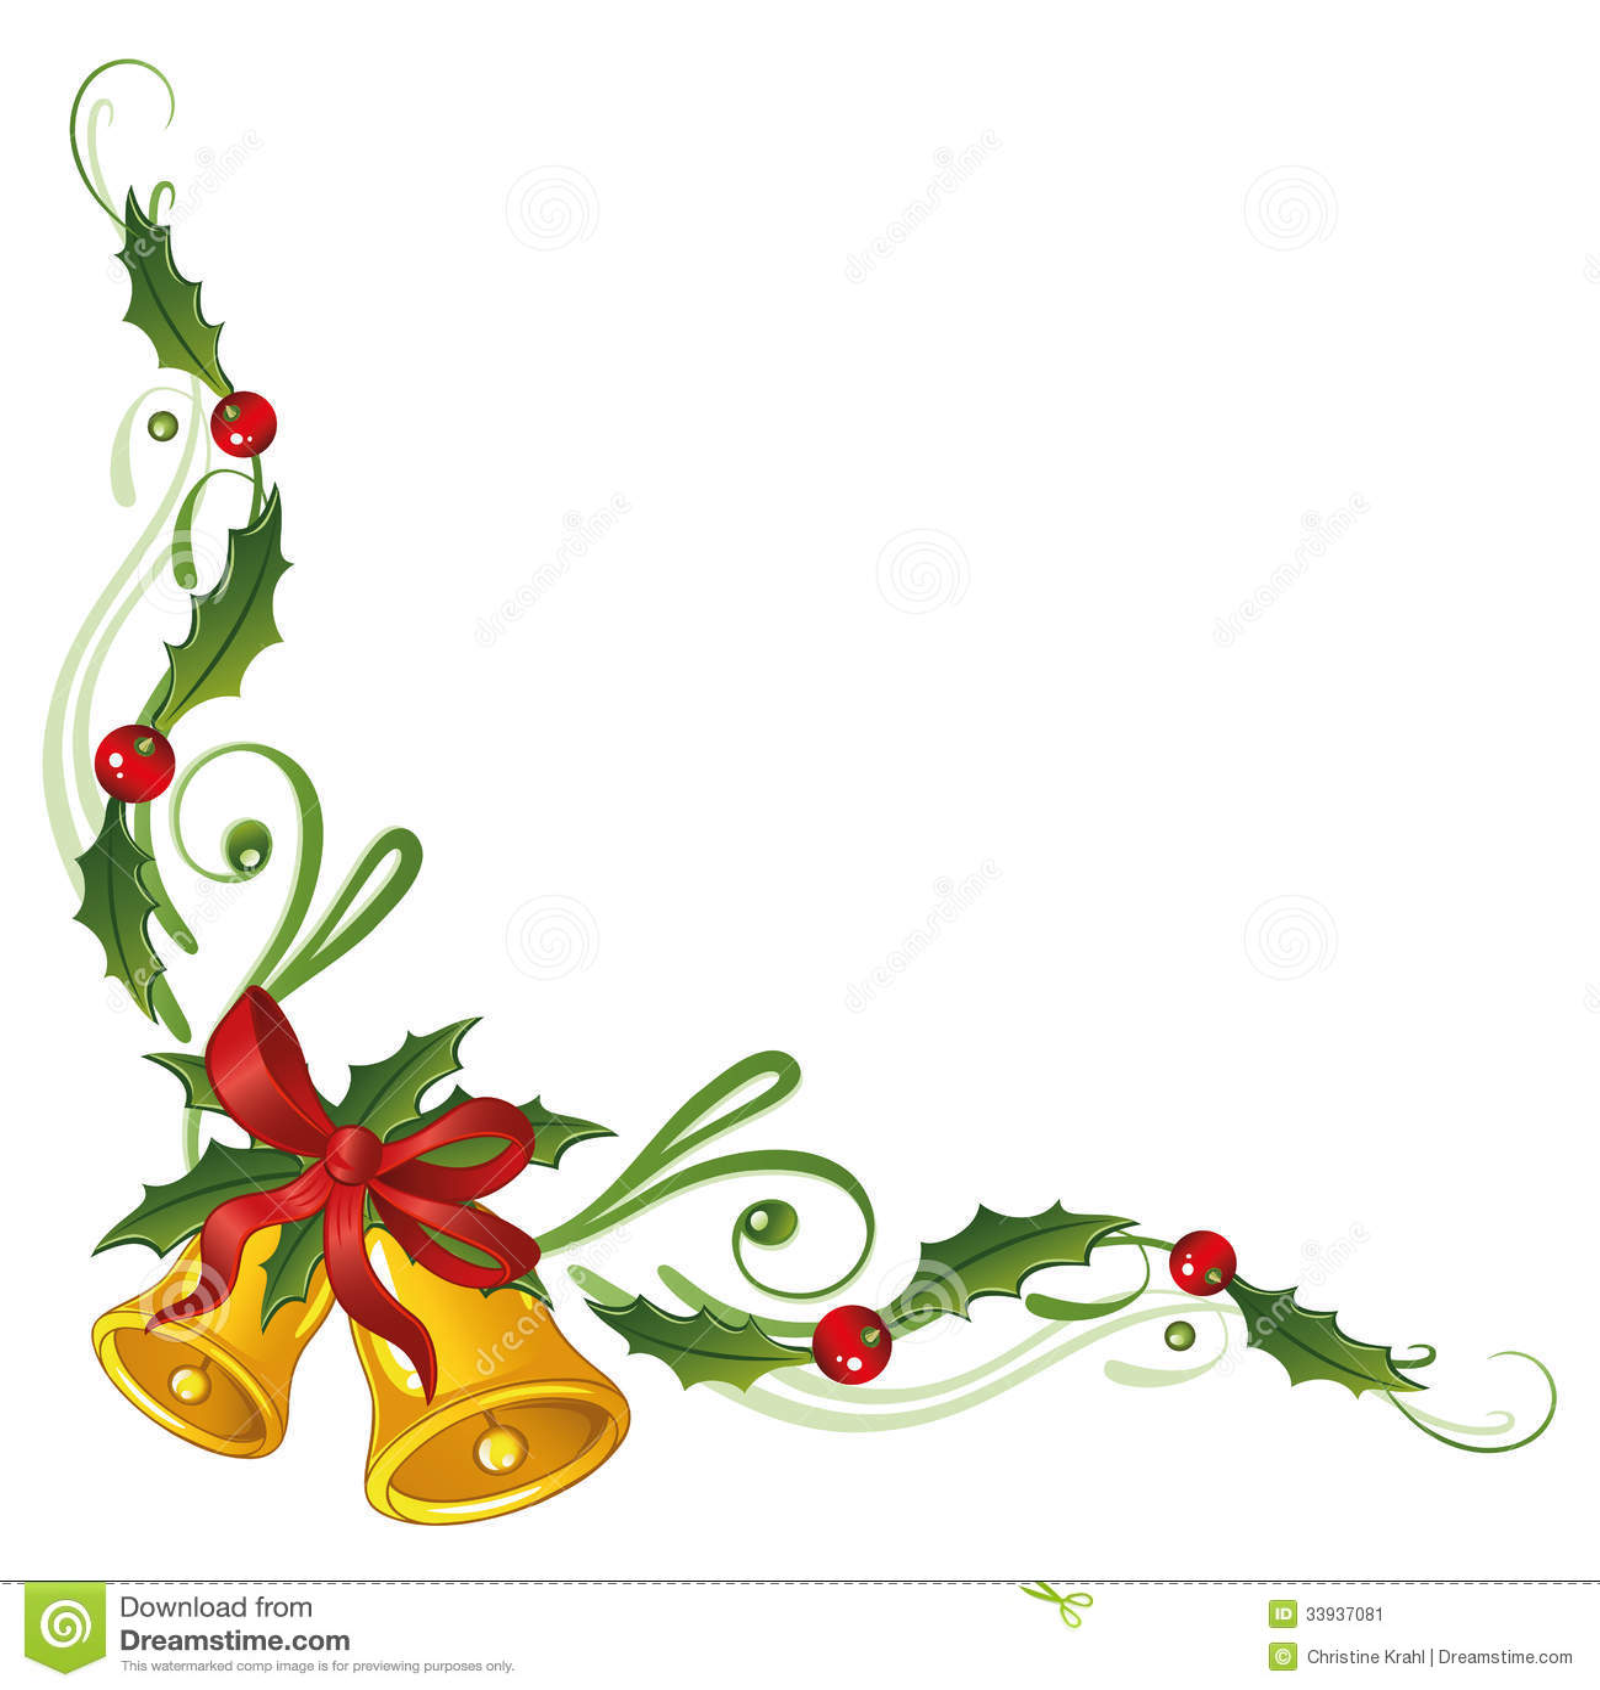 Christmas holly bells stock vector illustration of - Campanas de navidad ...